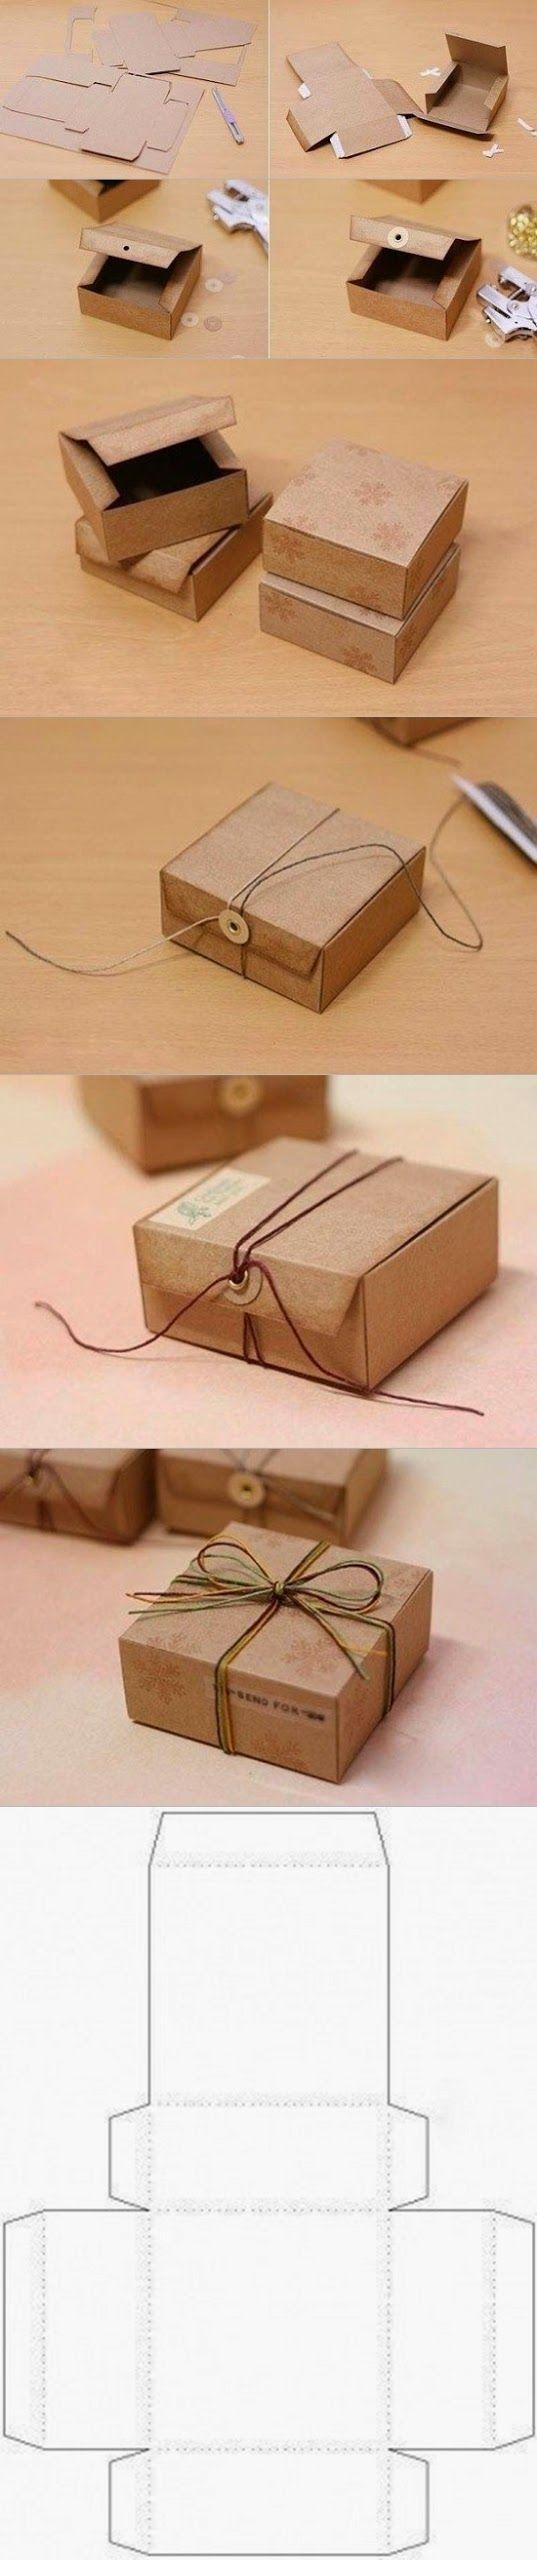 10 ideas para envolver tus regalos More